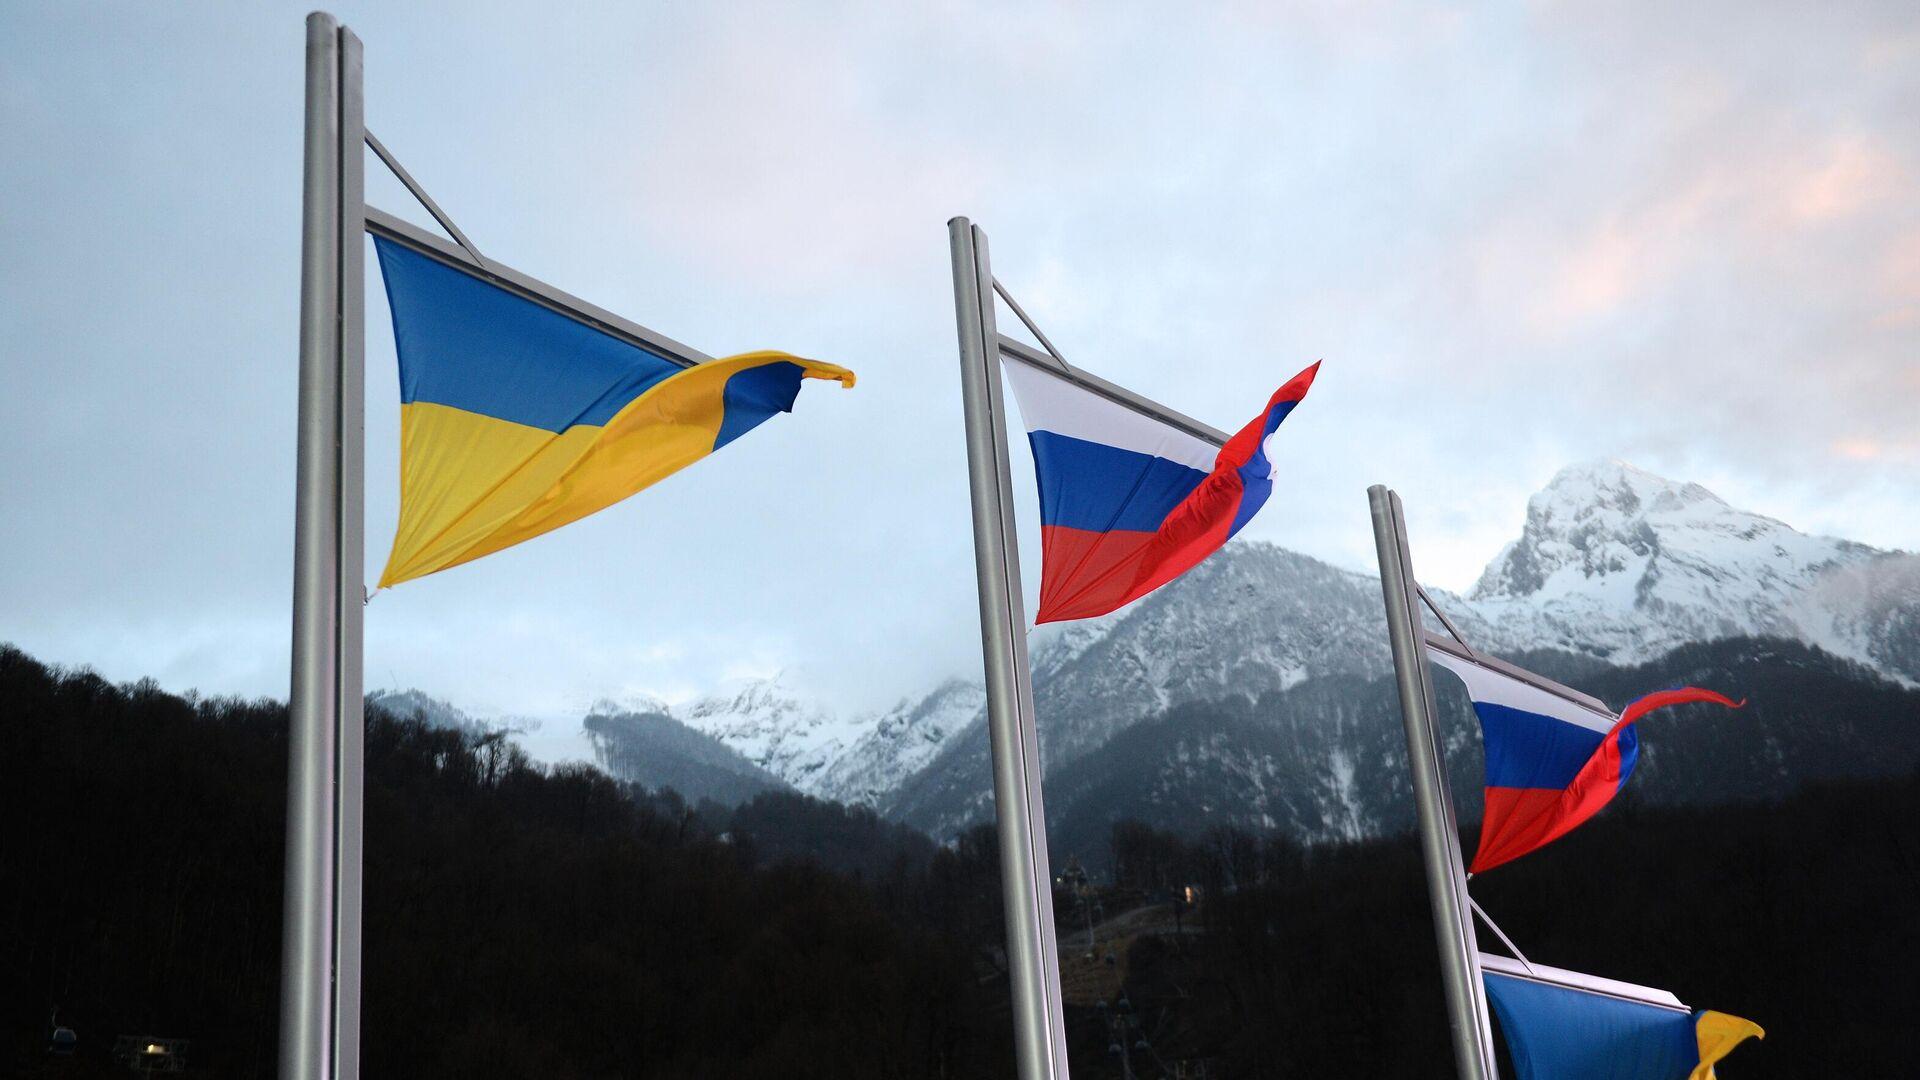 Национальные флаги Украины и России  - РИА Новости, 1920, 22.12.2020